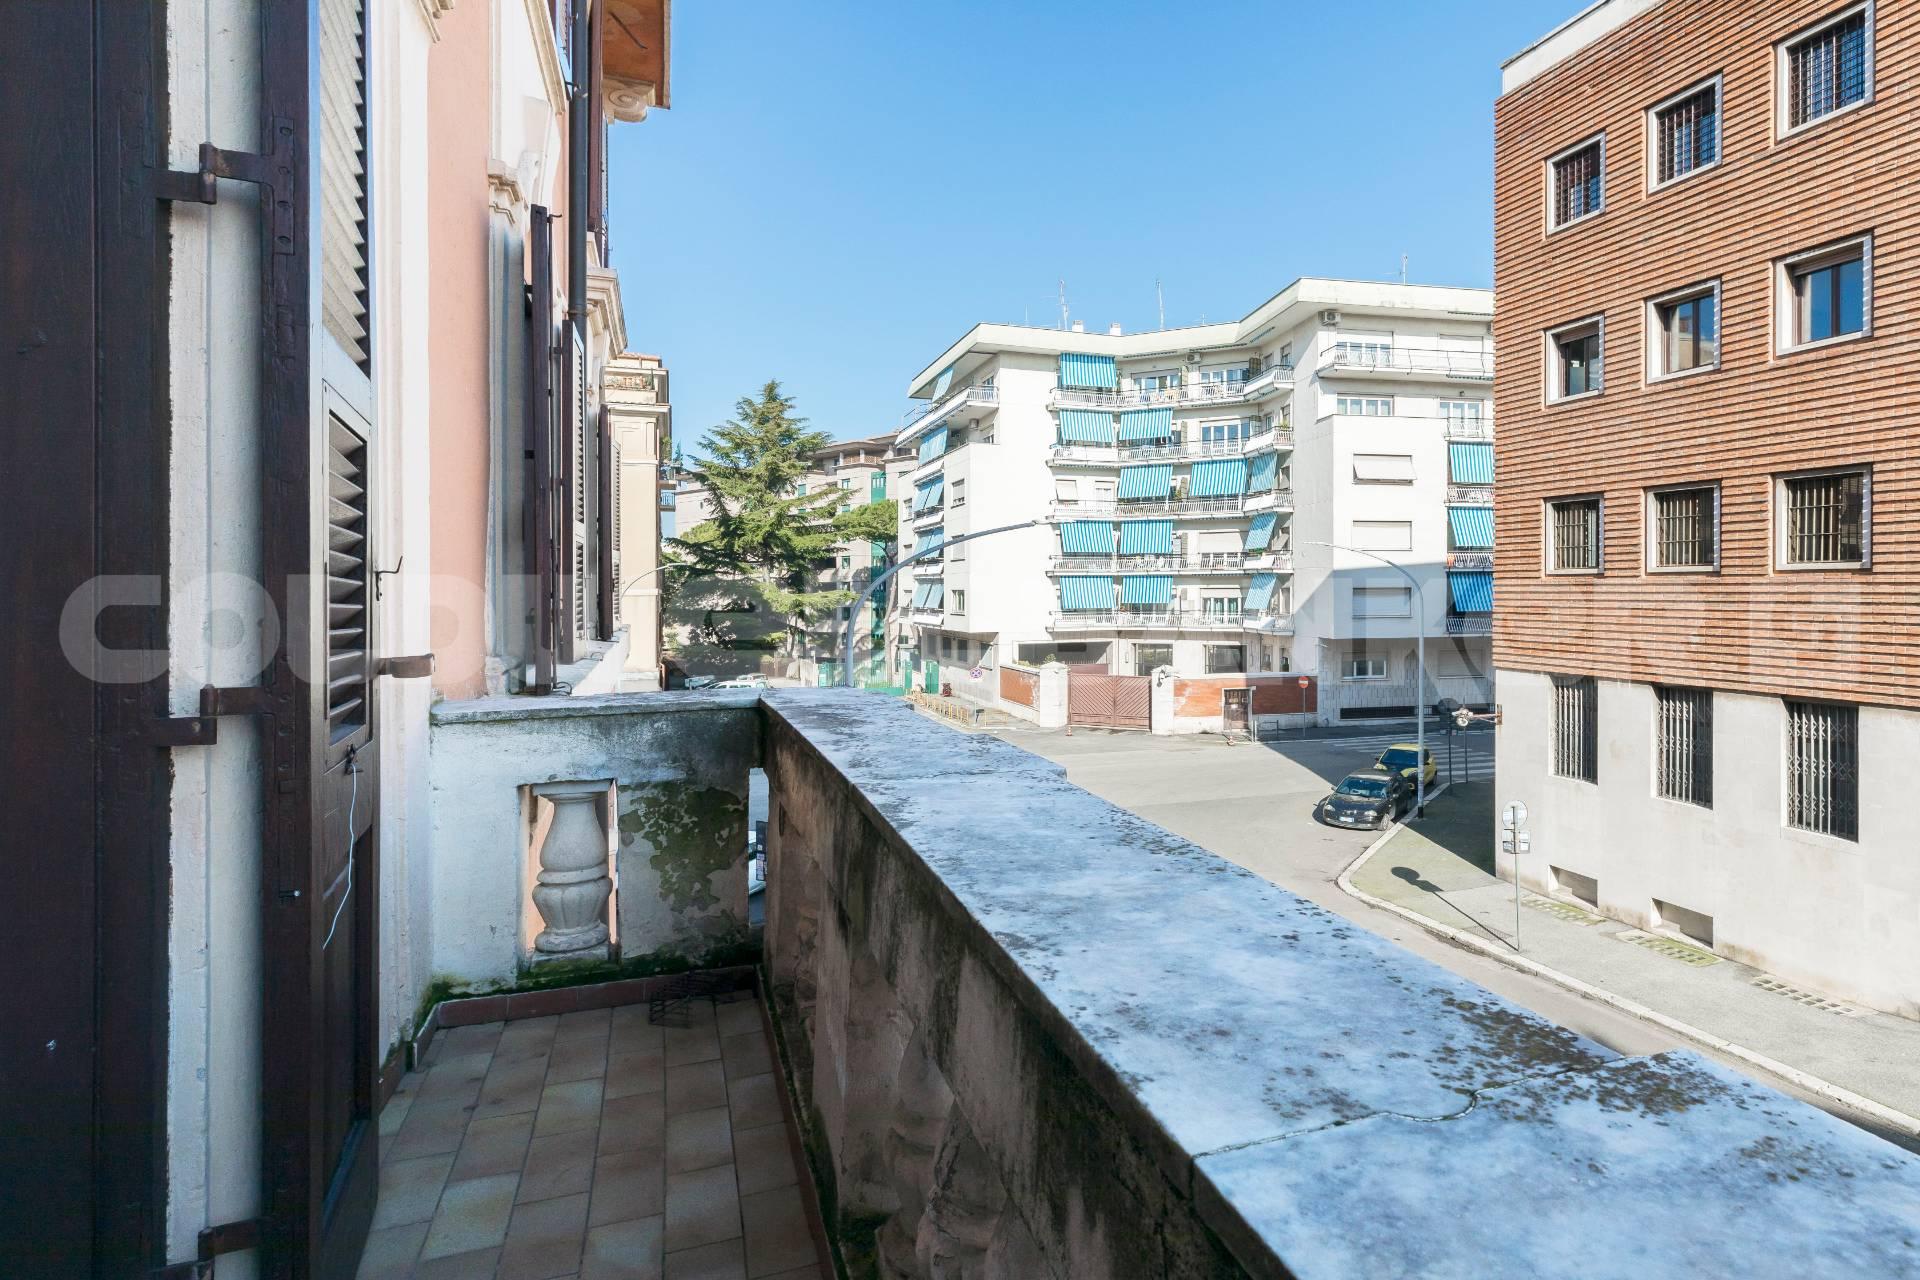 Cbi072 ex1311 appartamento in vendita a roma parioli for Affitto studio medico roma parioli